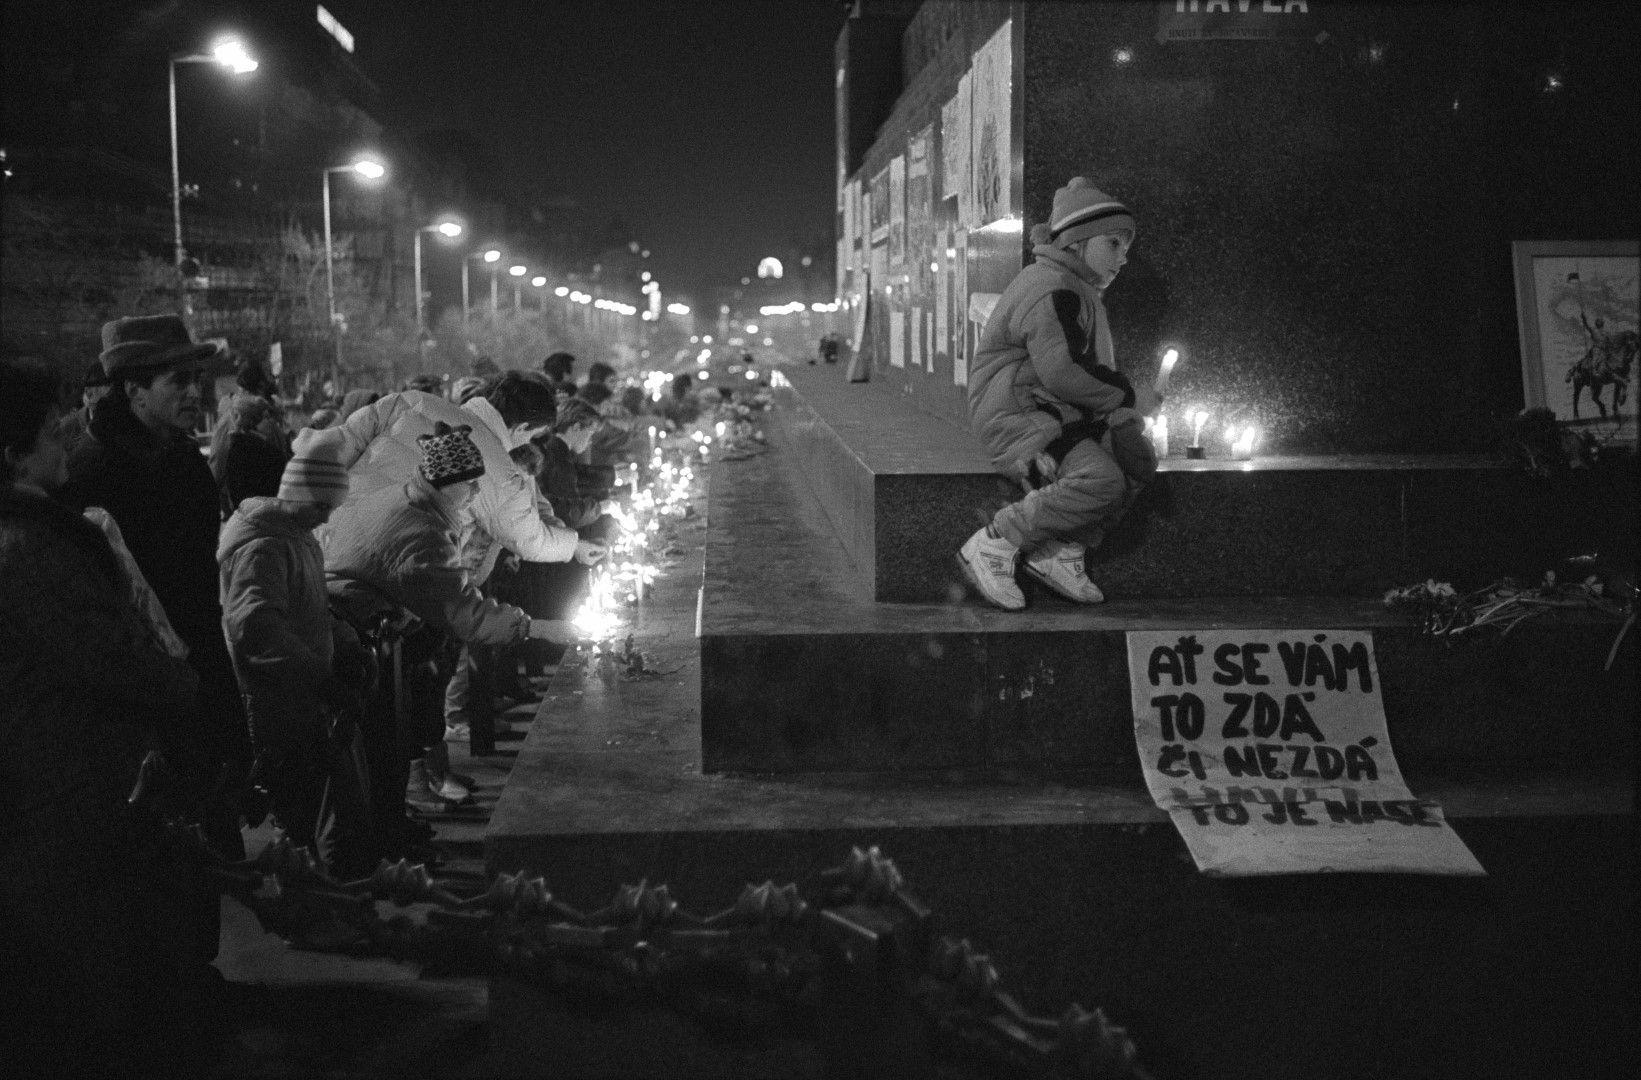 Чехите имат опит с Пражката пролет от 1968 г., затова 20 години по-късно не се предават